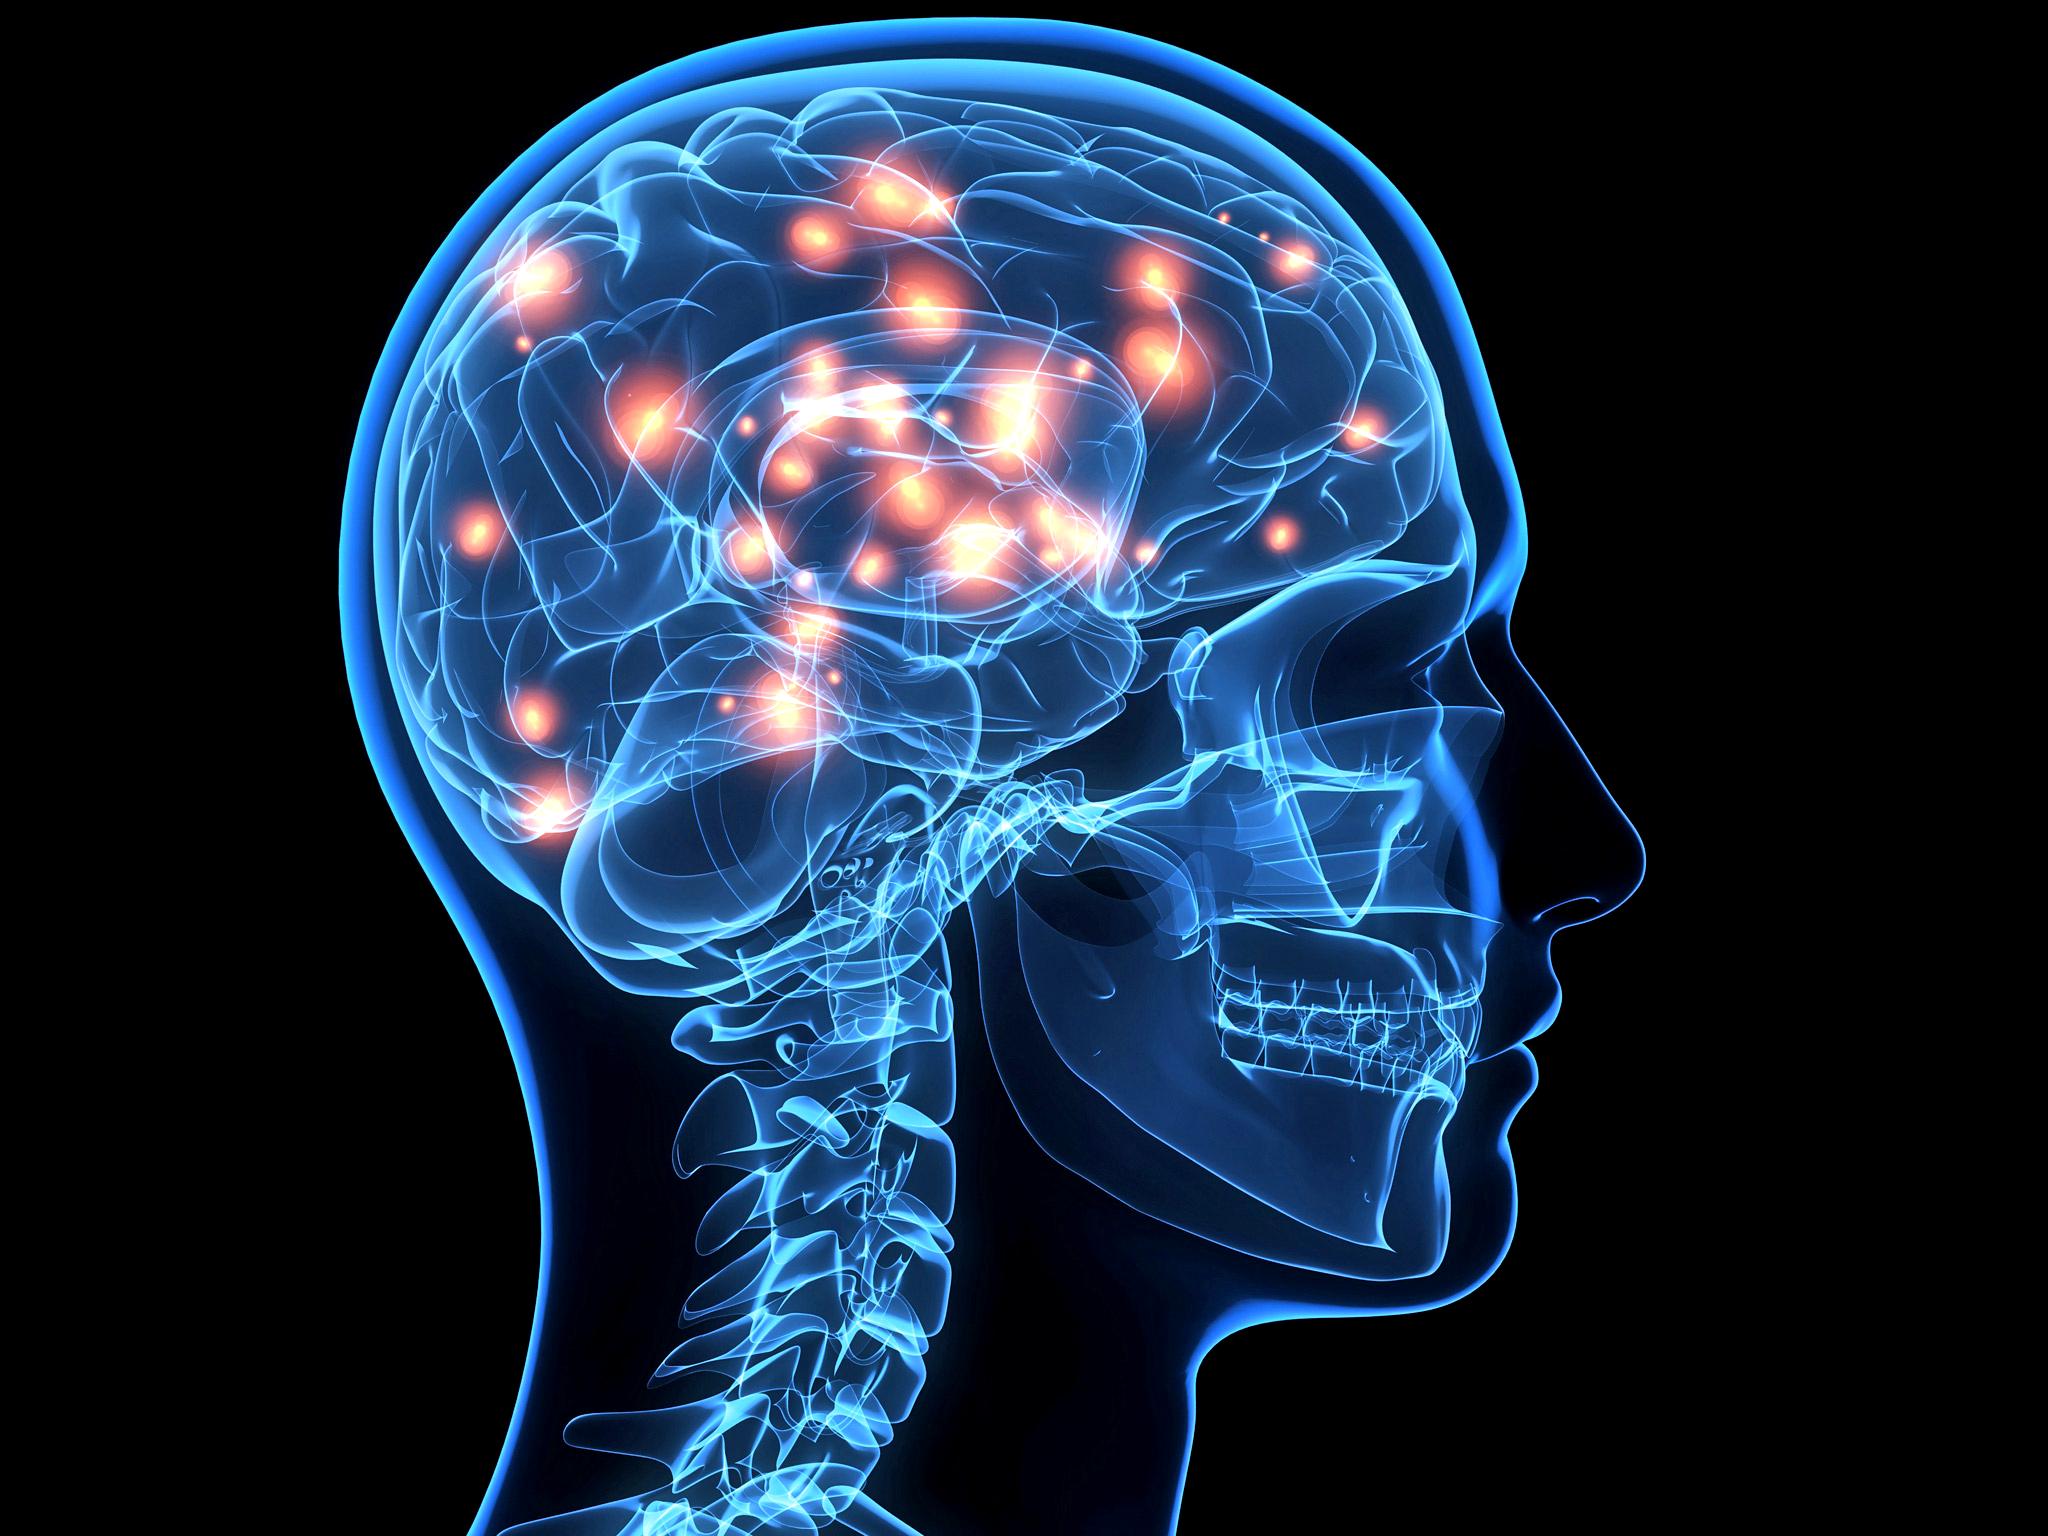 ¿Que es el neuromarketing? ¿Qué no es el neuromarketing? ¿Nos están dando gato por liebre? Conoce qué es esta técnica y distínguela de lo que no es.